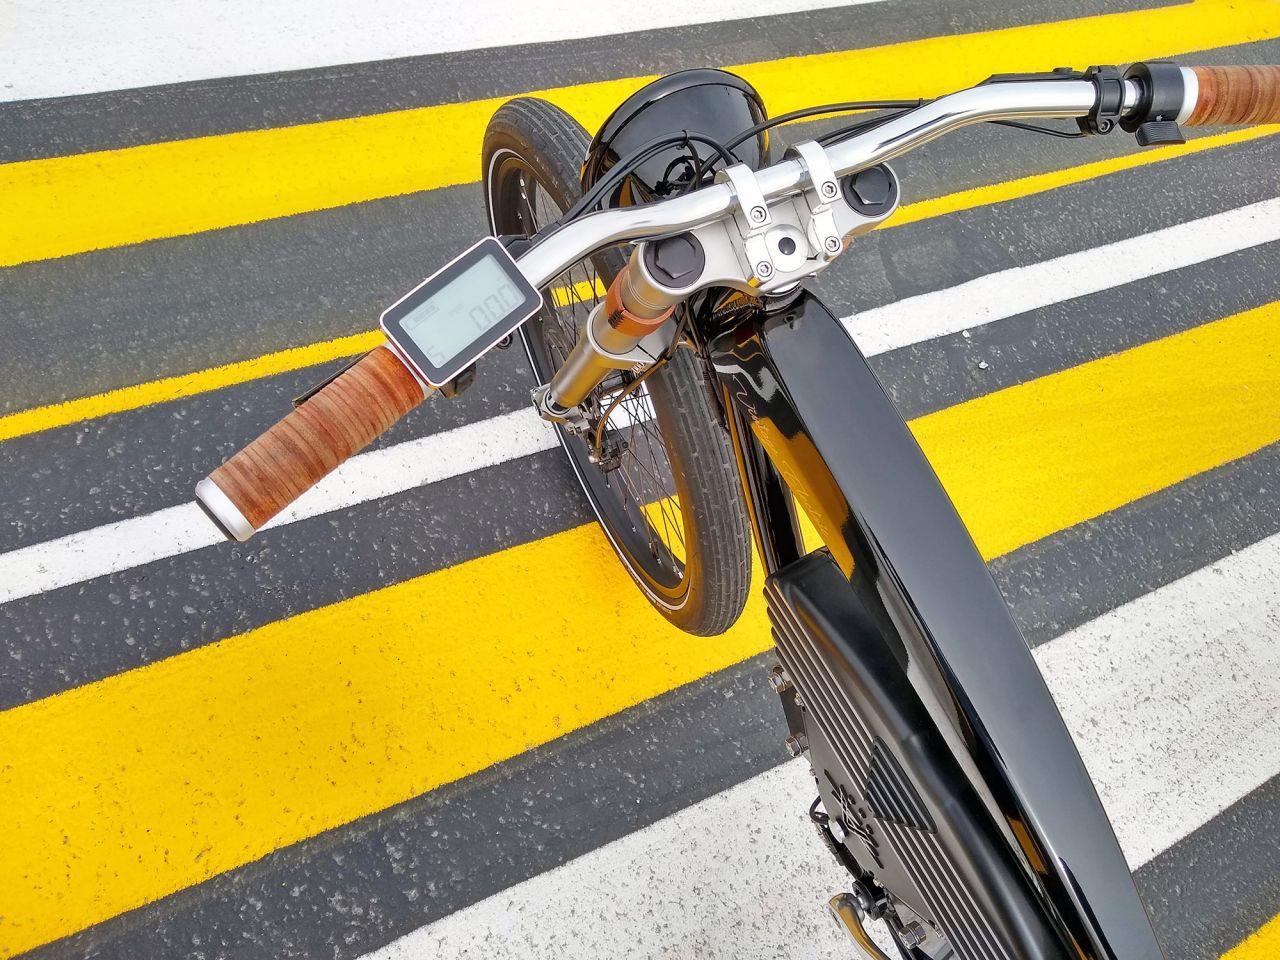 Üst seviye elektrikli bisiklet: 2020 Vintage Electric Roadster - Page 4